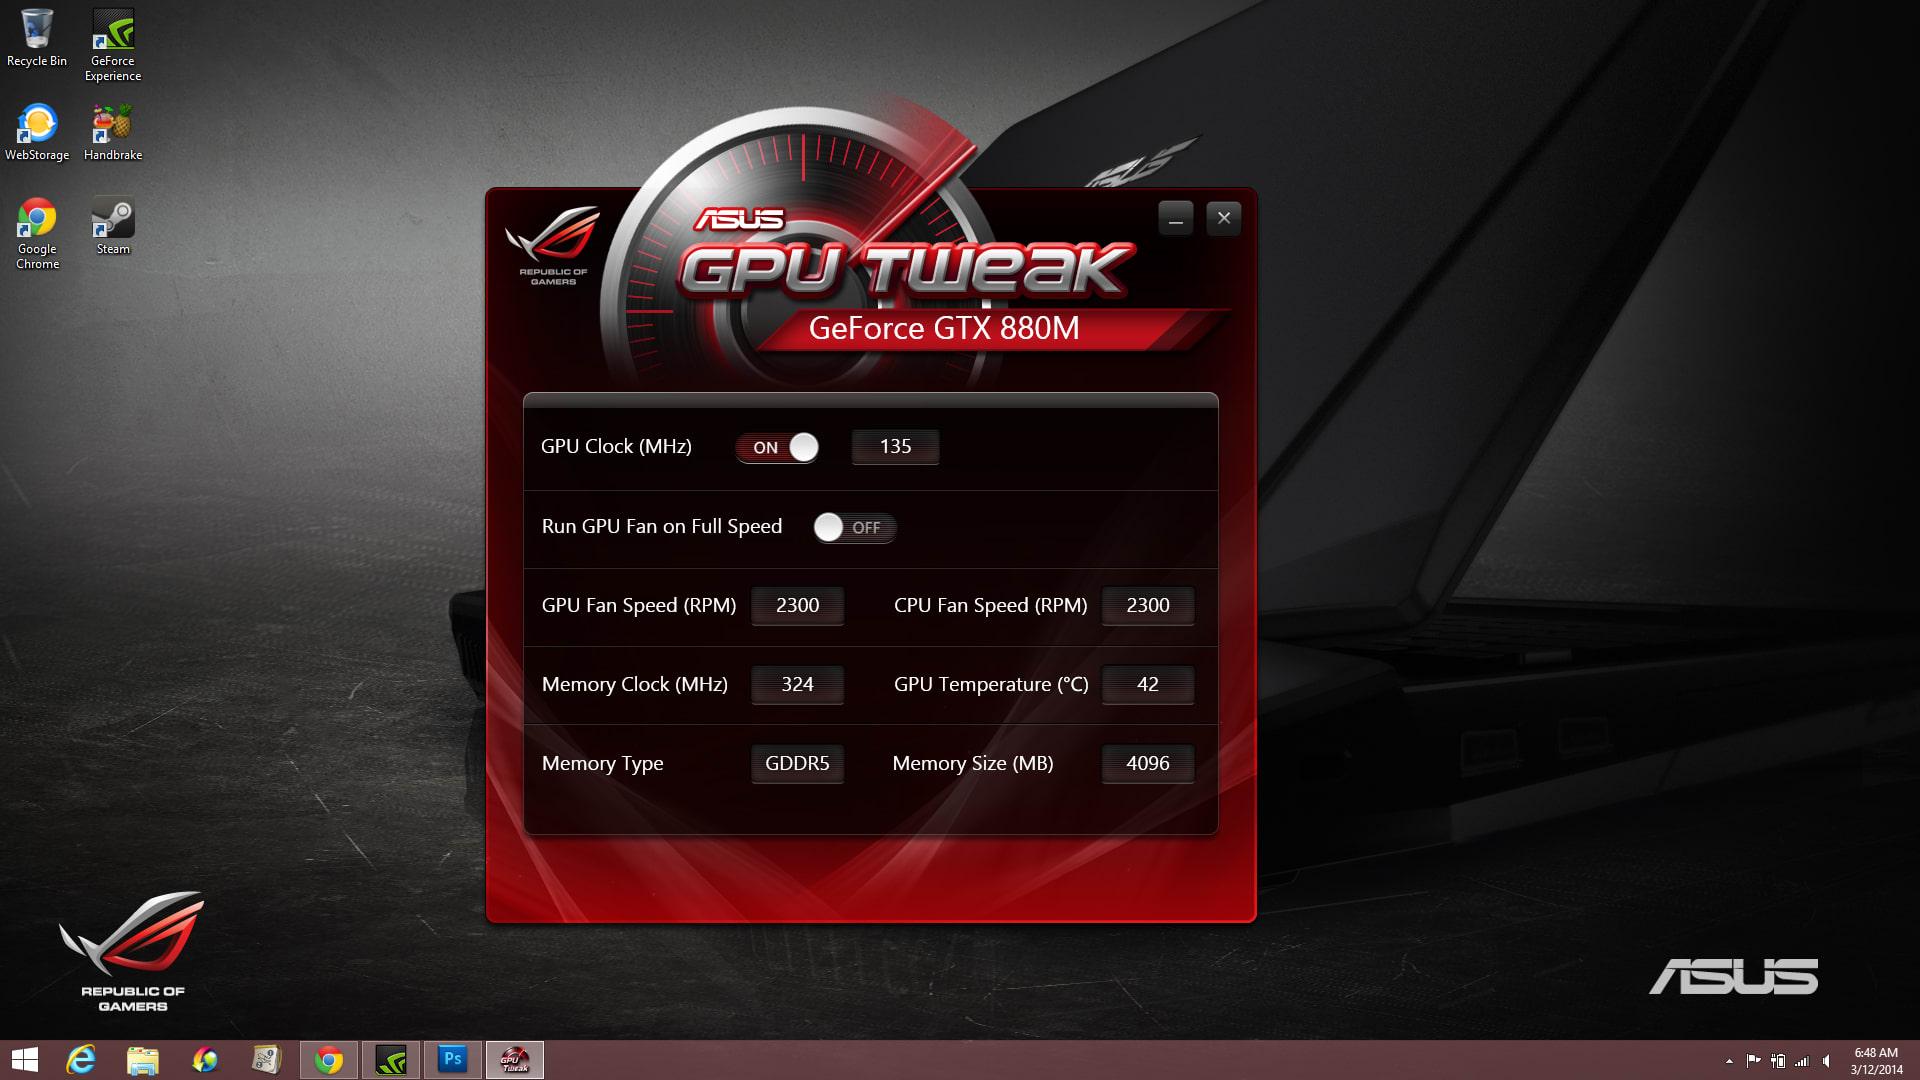 Asus' GPU Tweak software